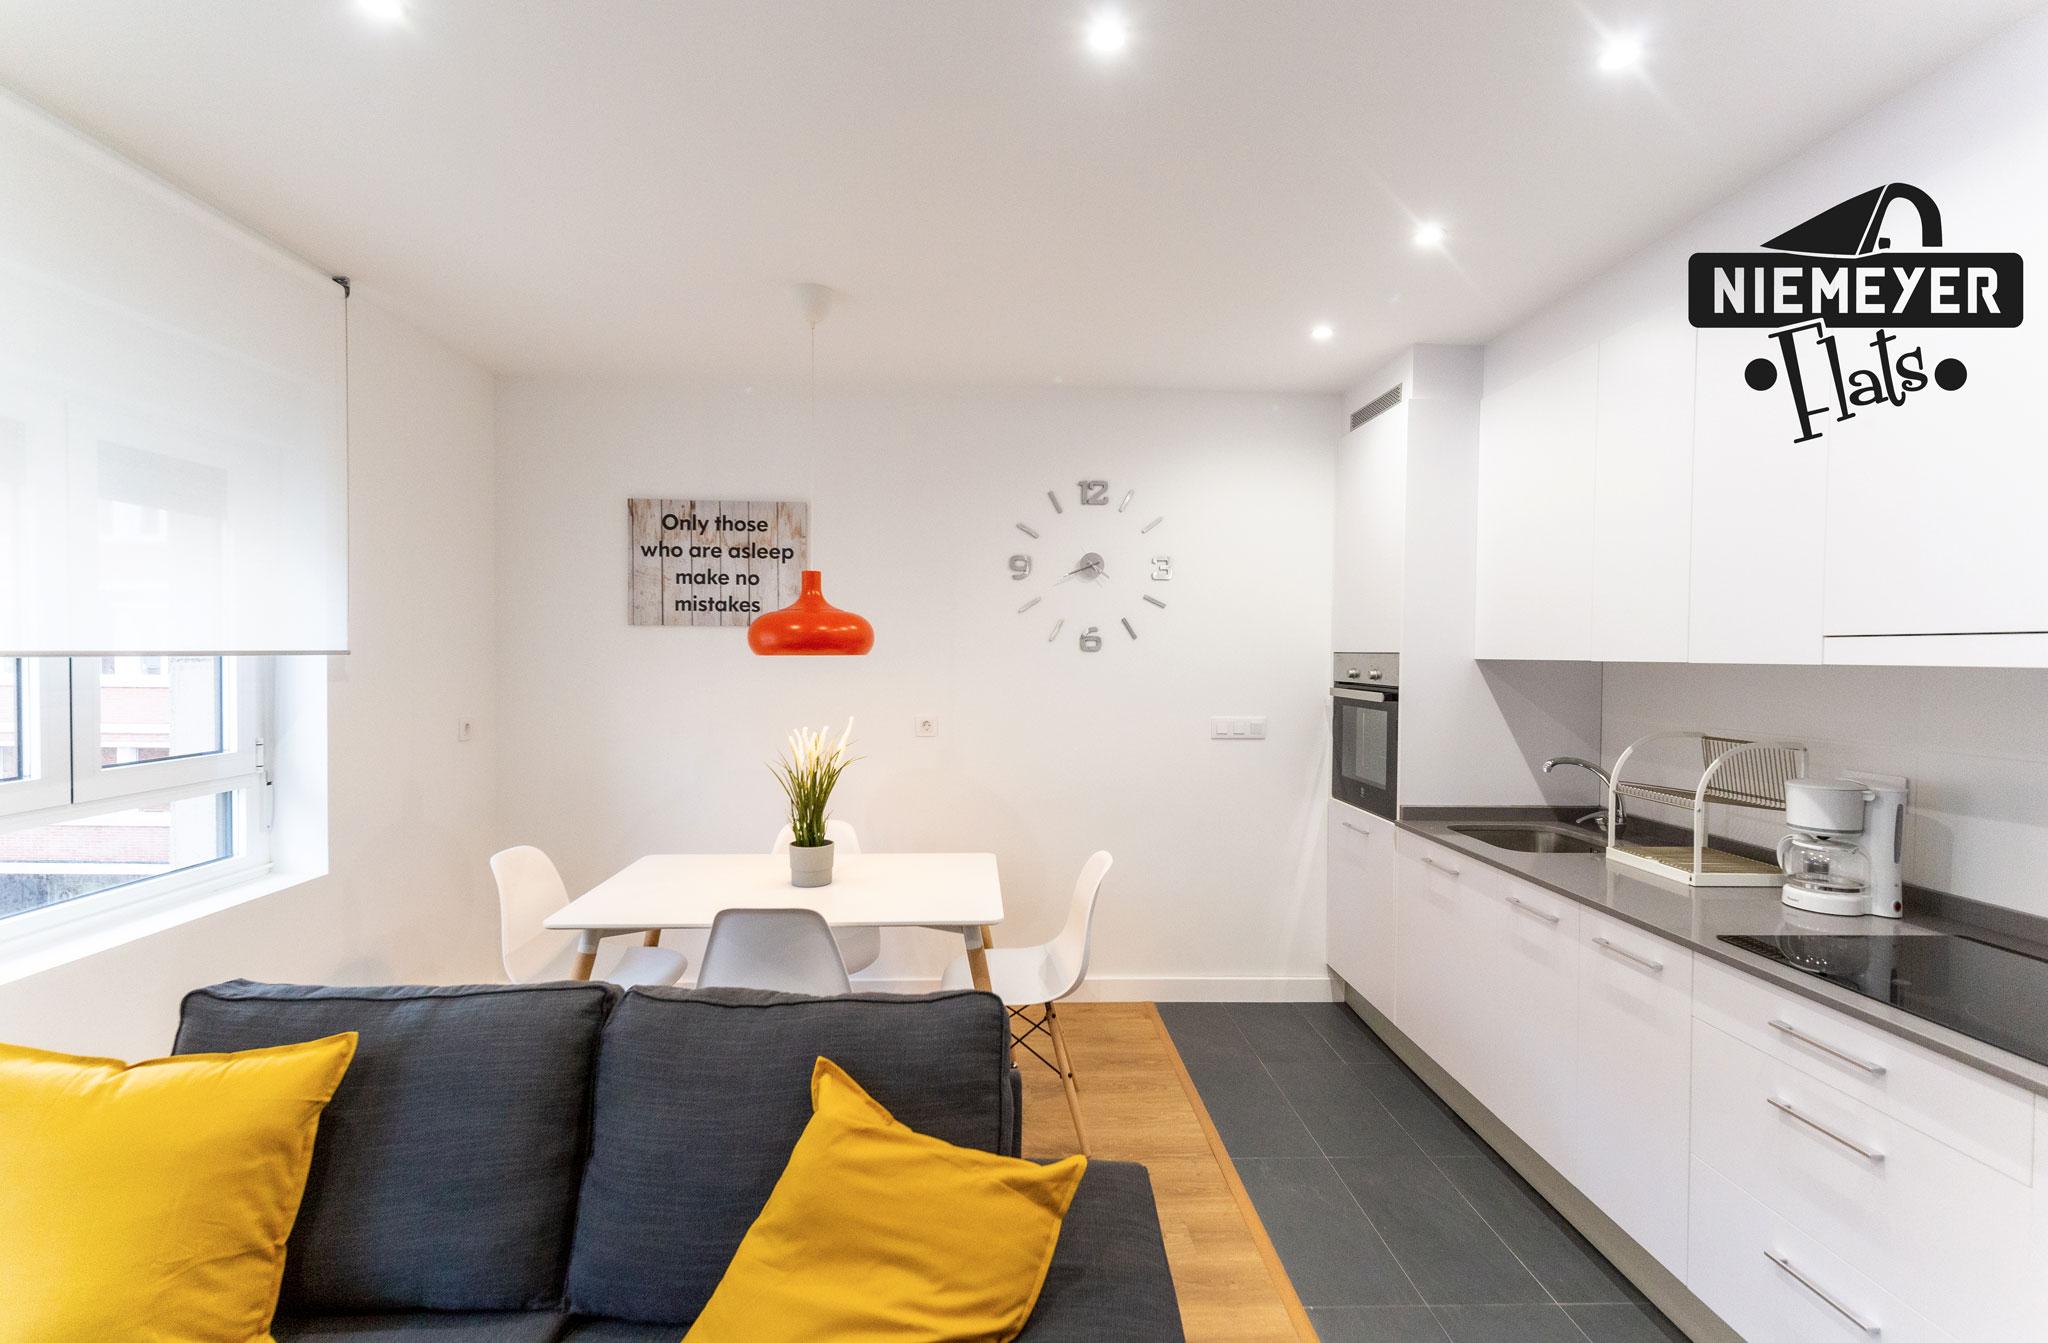 Niemeyer Flats cocina-comedor